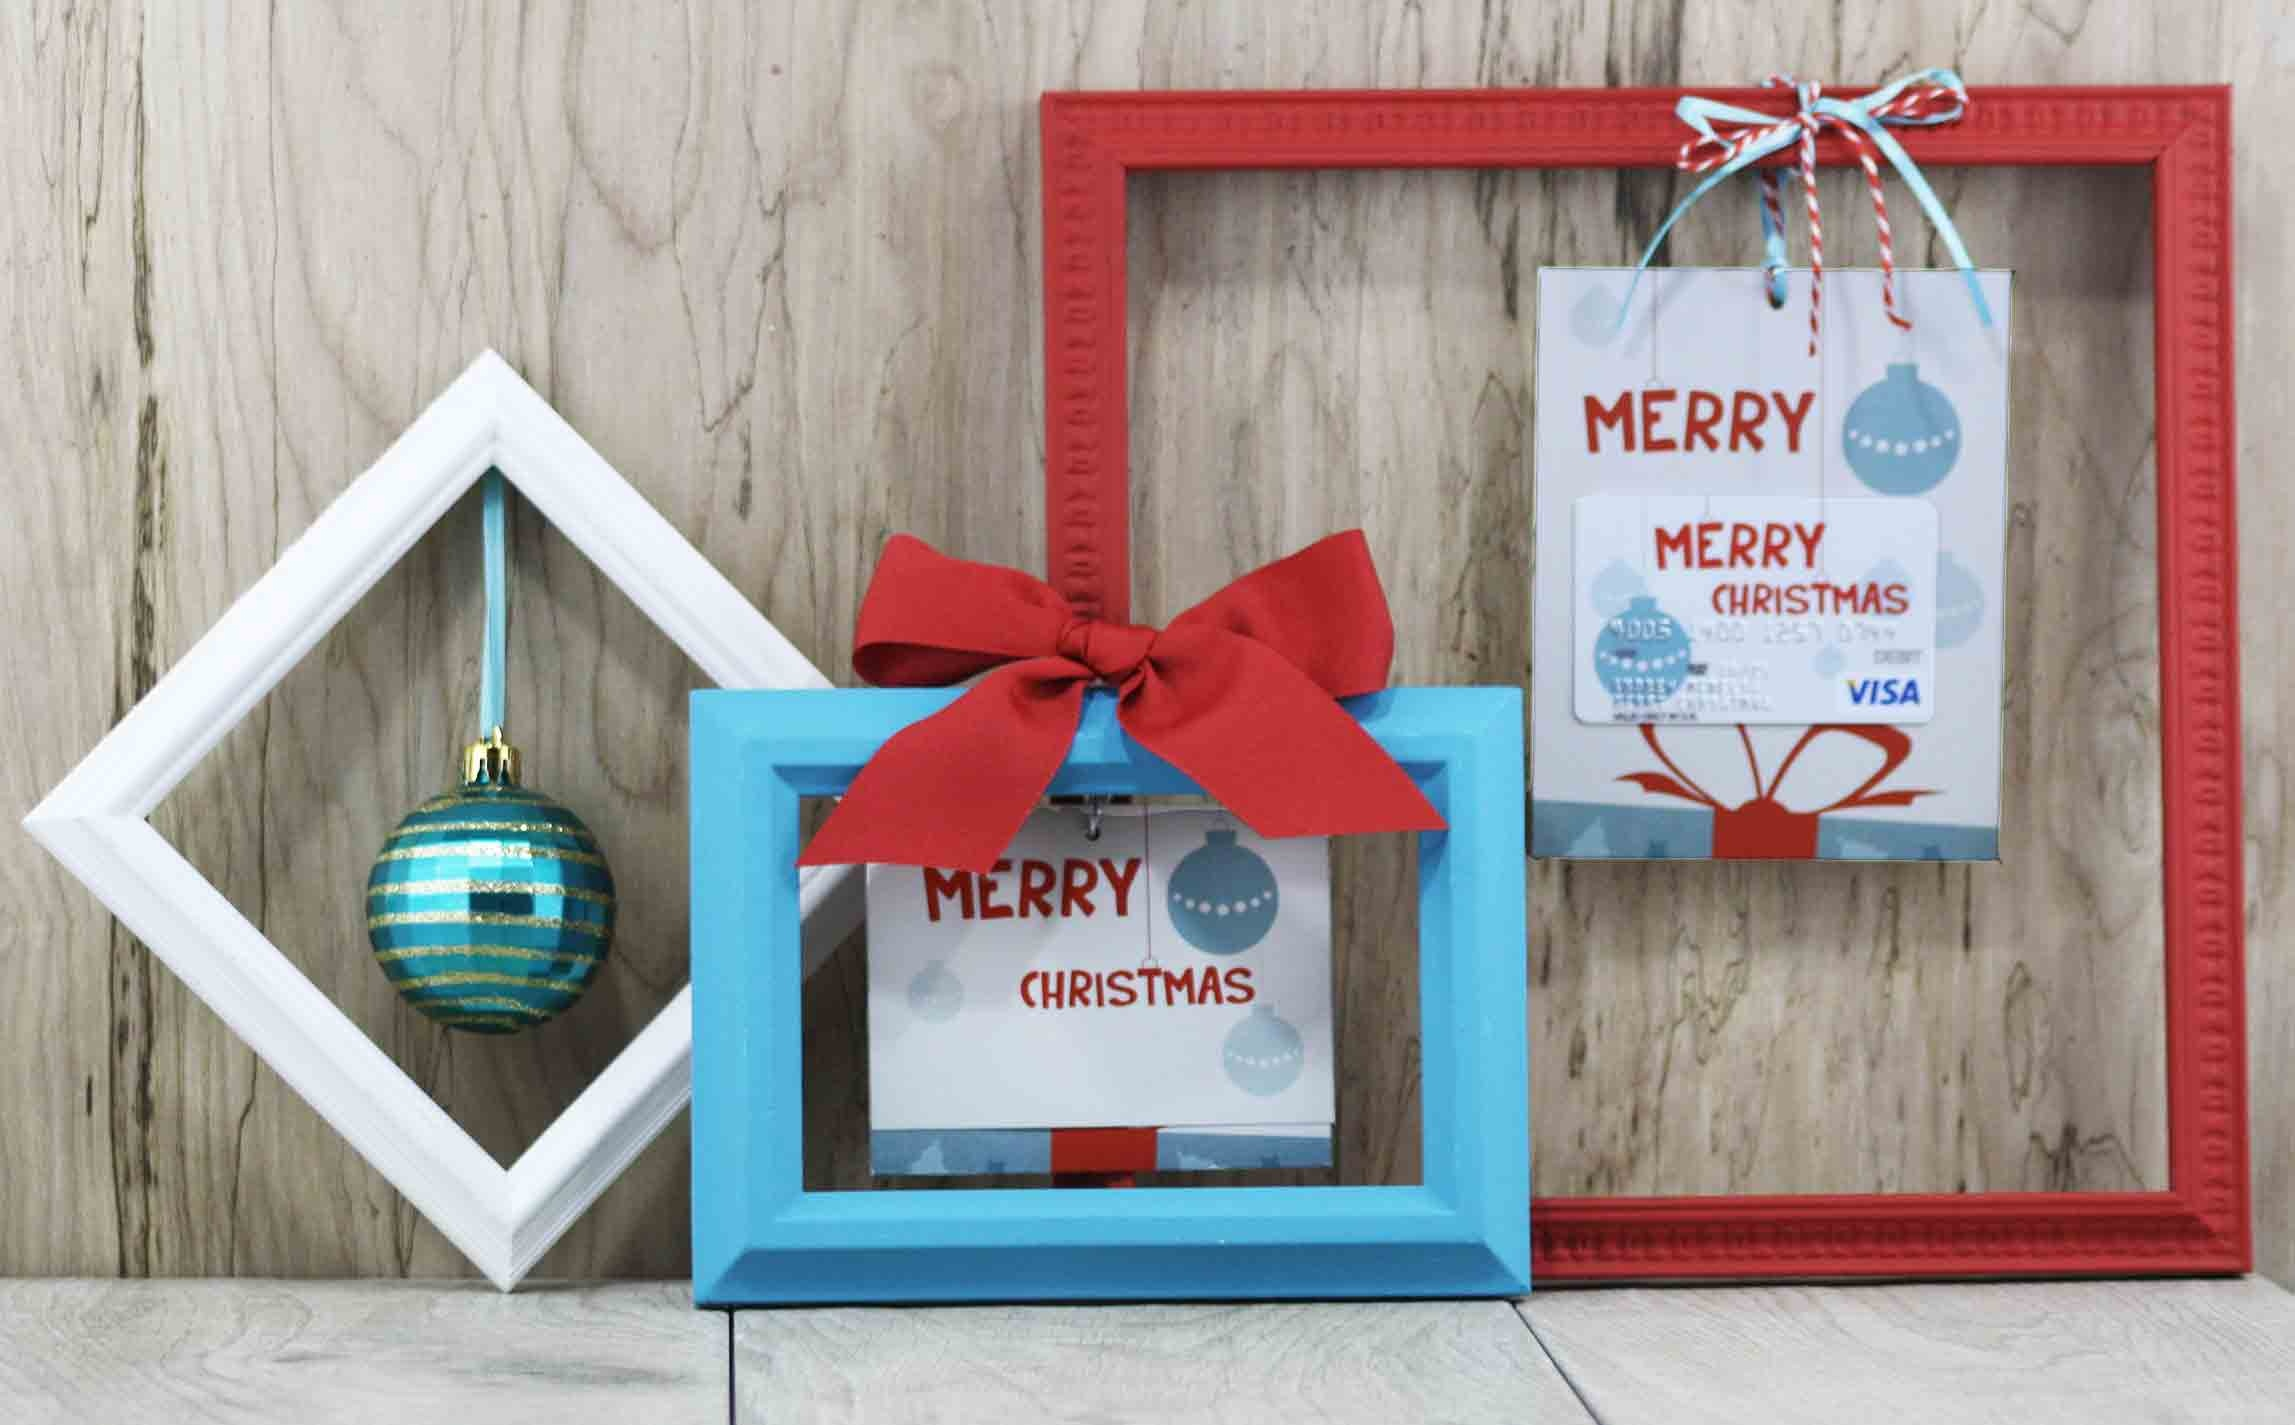 Free Printable} Merry Christmas Gift Card Holder| Gcg - Free Printable Flat Christmas Cards